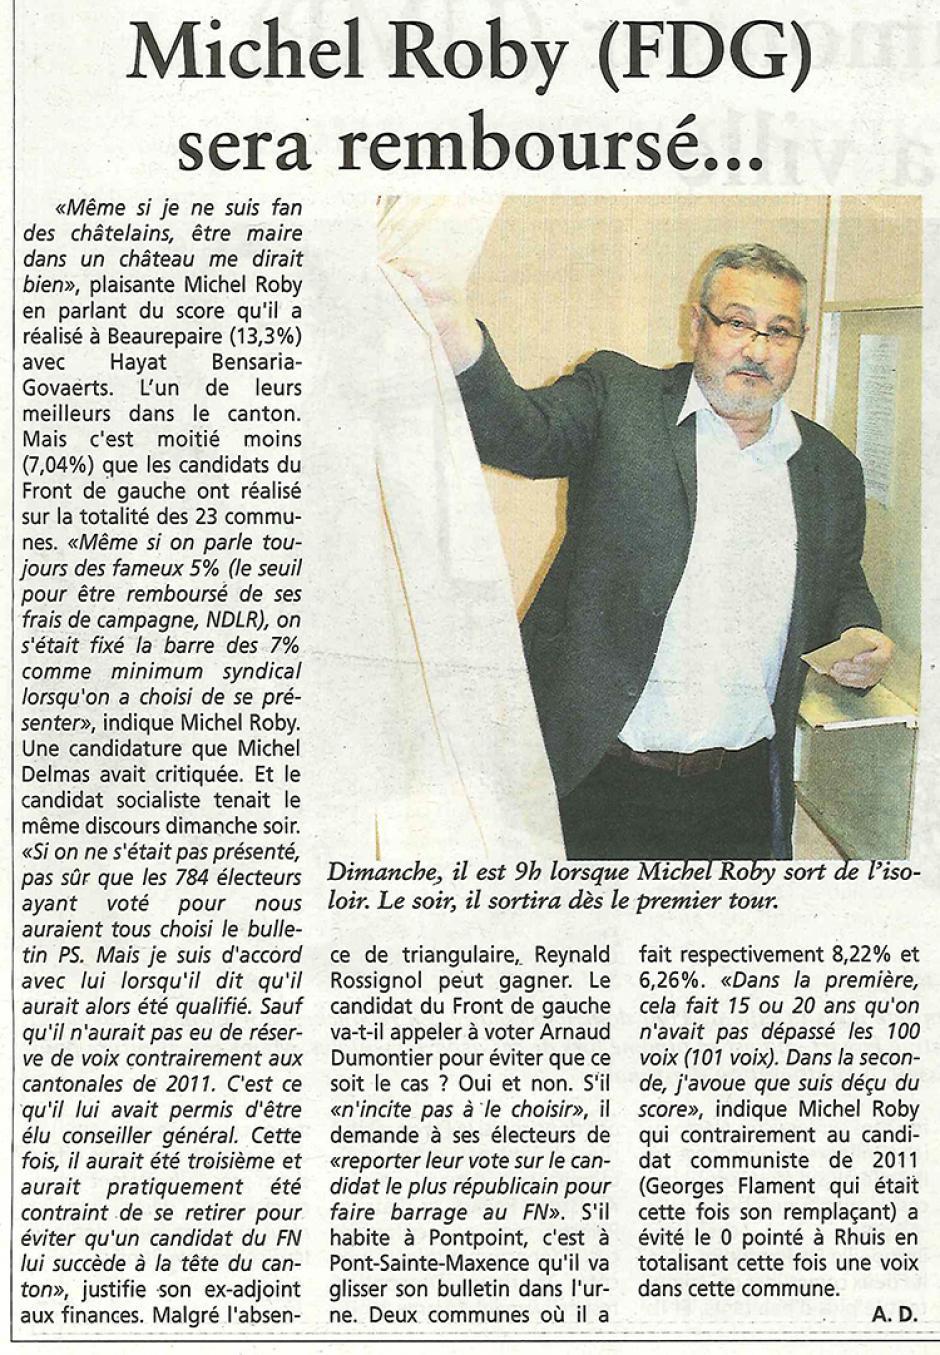 20150325-OH-Pont-Sainte-Maxence-D2015-Michel Roby sera remboursé…